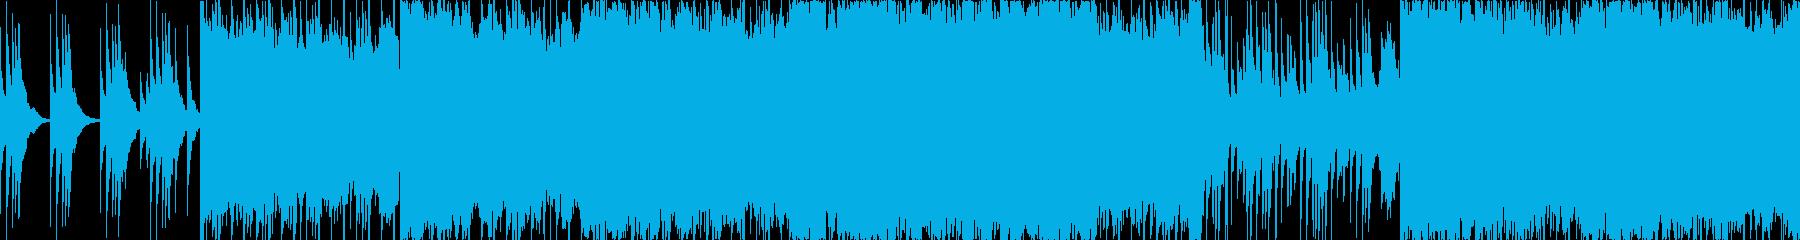 エキゾチックで荘厳な雰囲気【ループ仕様】の再生済みの波形